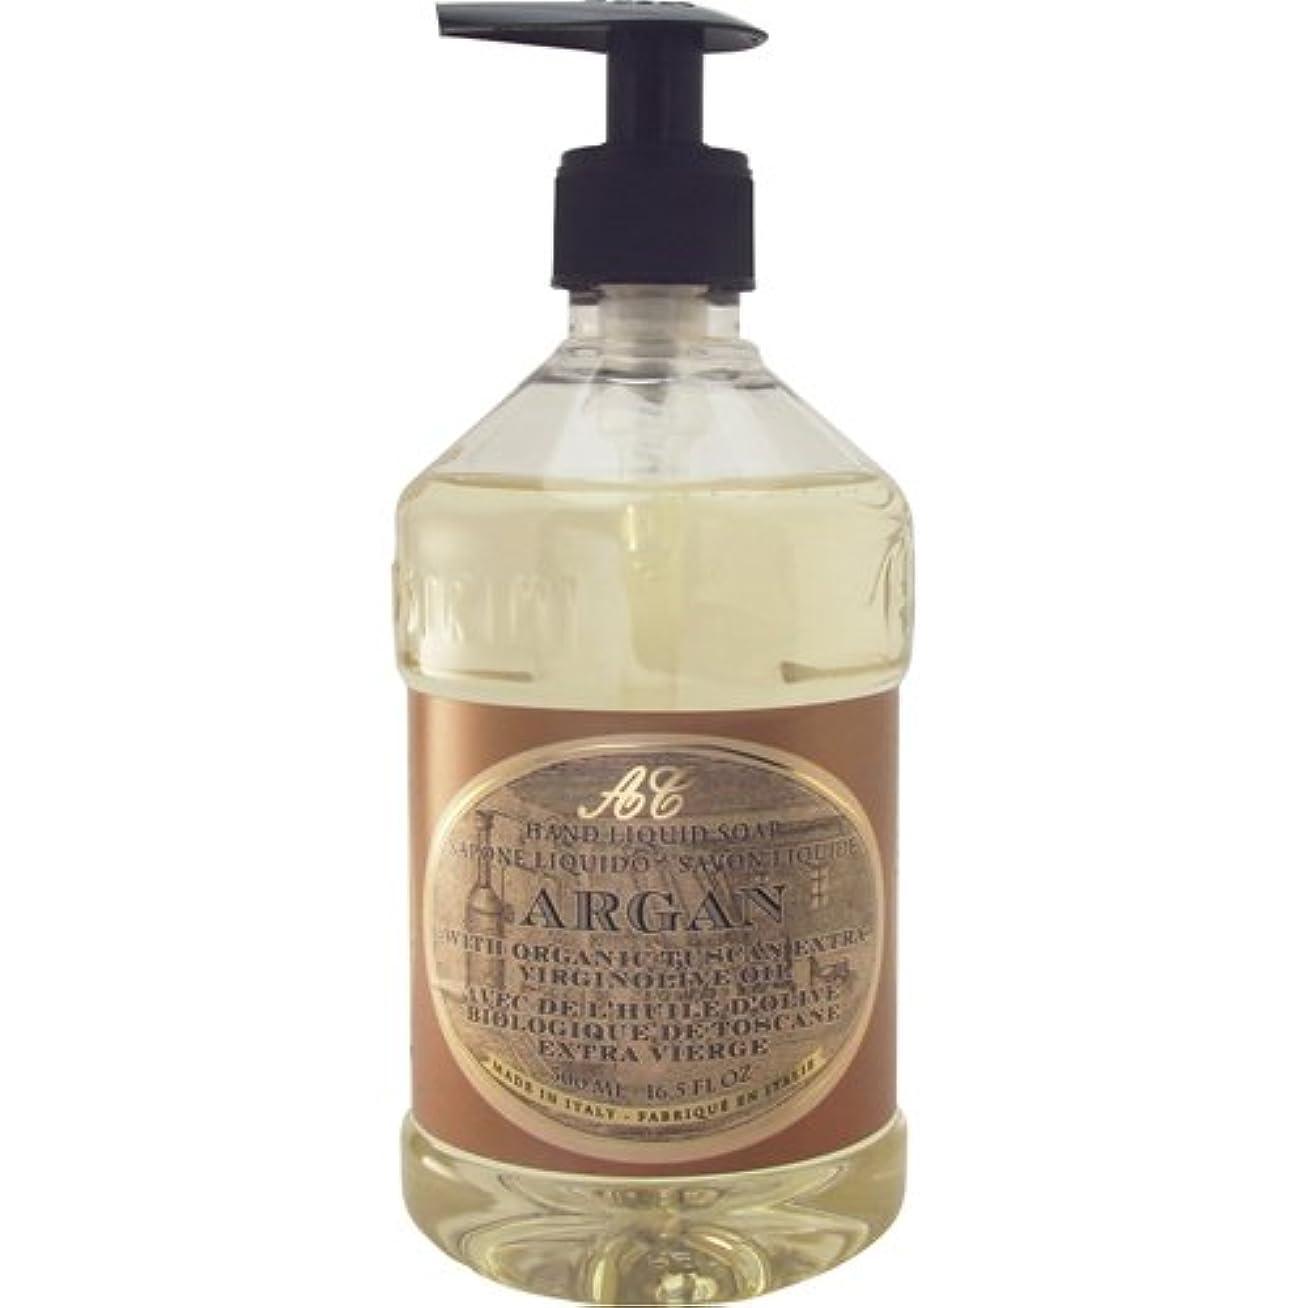 記念碑的な好み販売員Saponerire Fissi レトロシリーズ Liquid Soap リキッドソープ 500ml Argan アルガンオイル